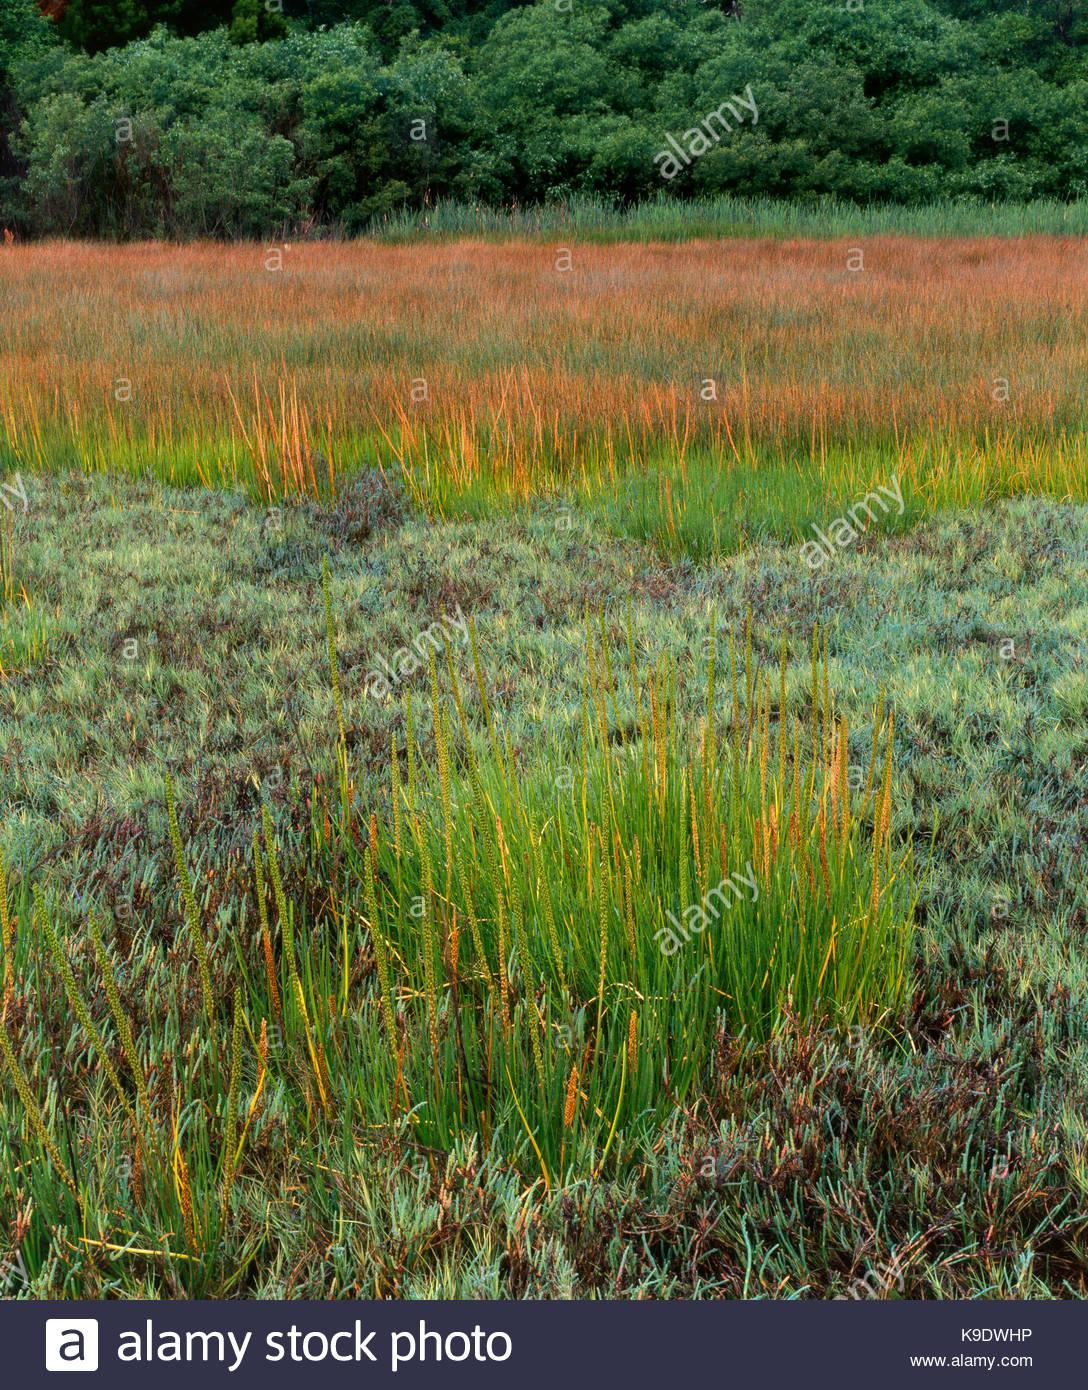 Pfeil, Gras, Salz Gras und Unkraut Pckle, Gezeiten Marsh Studie auf Tomales Bay, Marin County, Kalifornien Stockbild